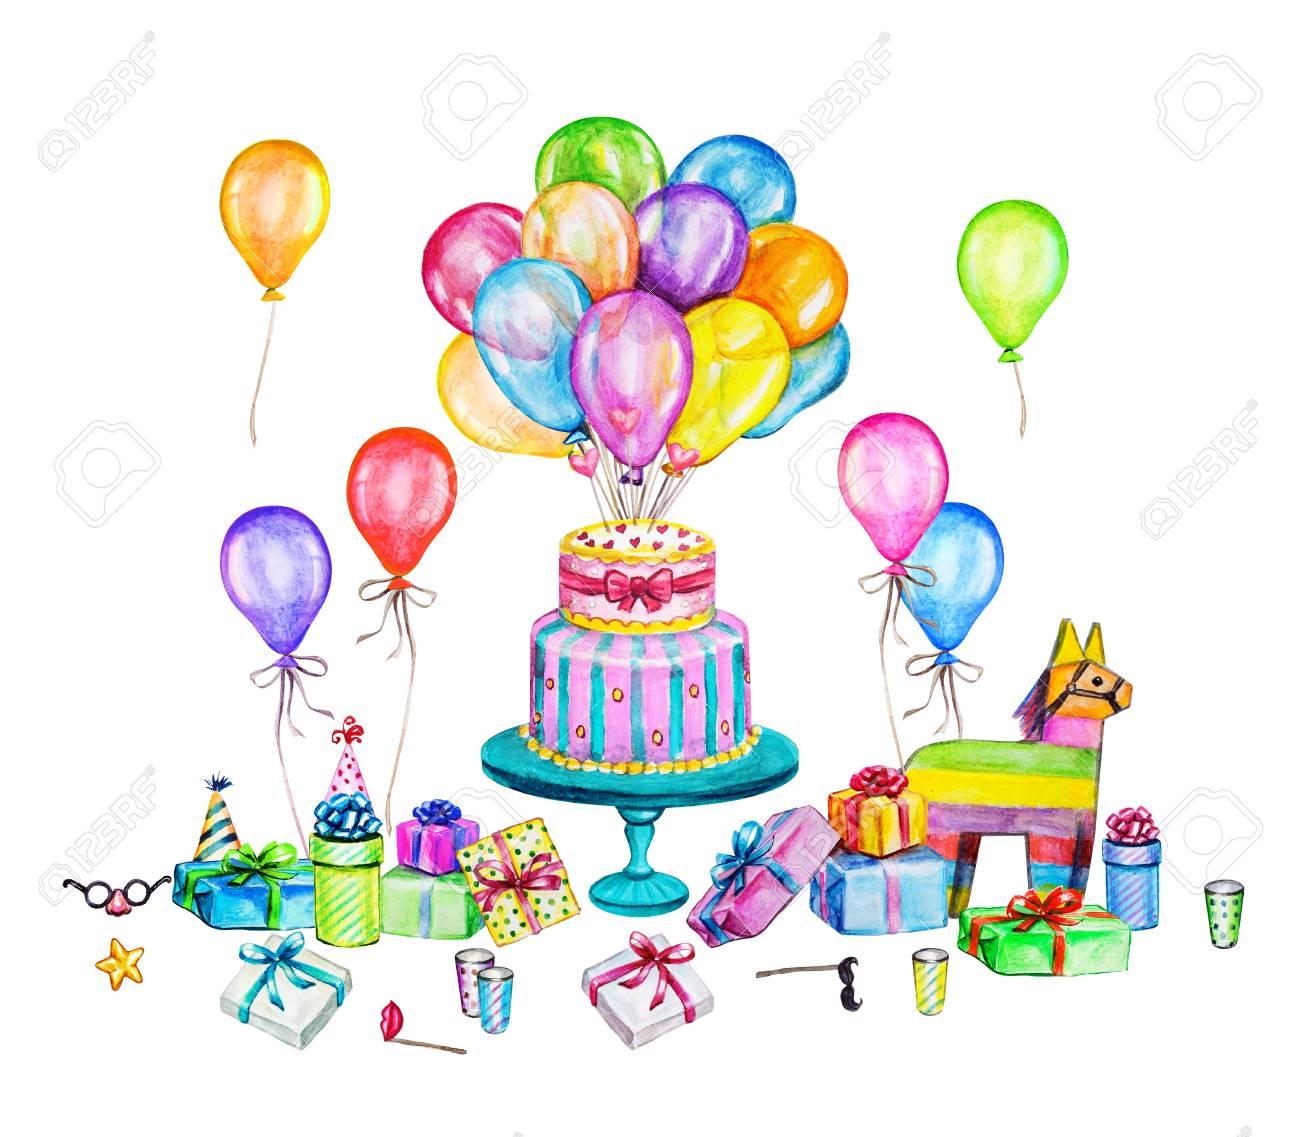 水彩の誕生日パーティー イラスト手の描き下ろしお祝いオブジェクト